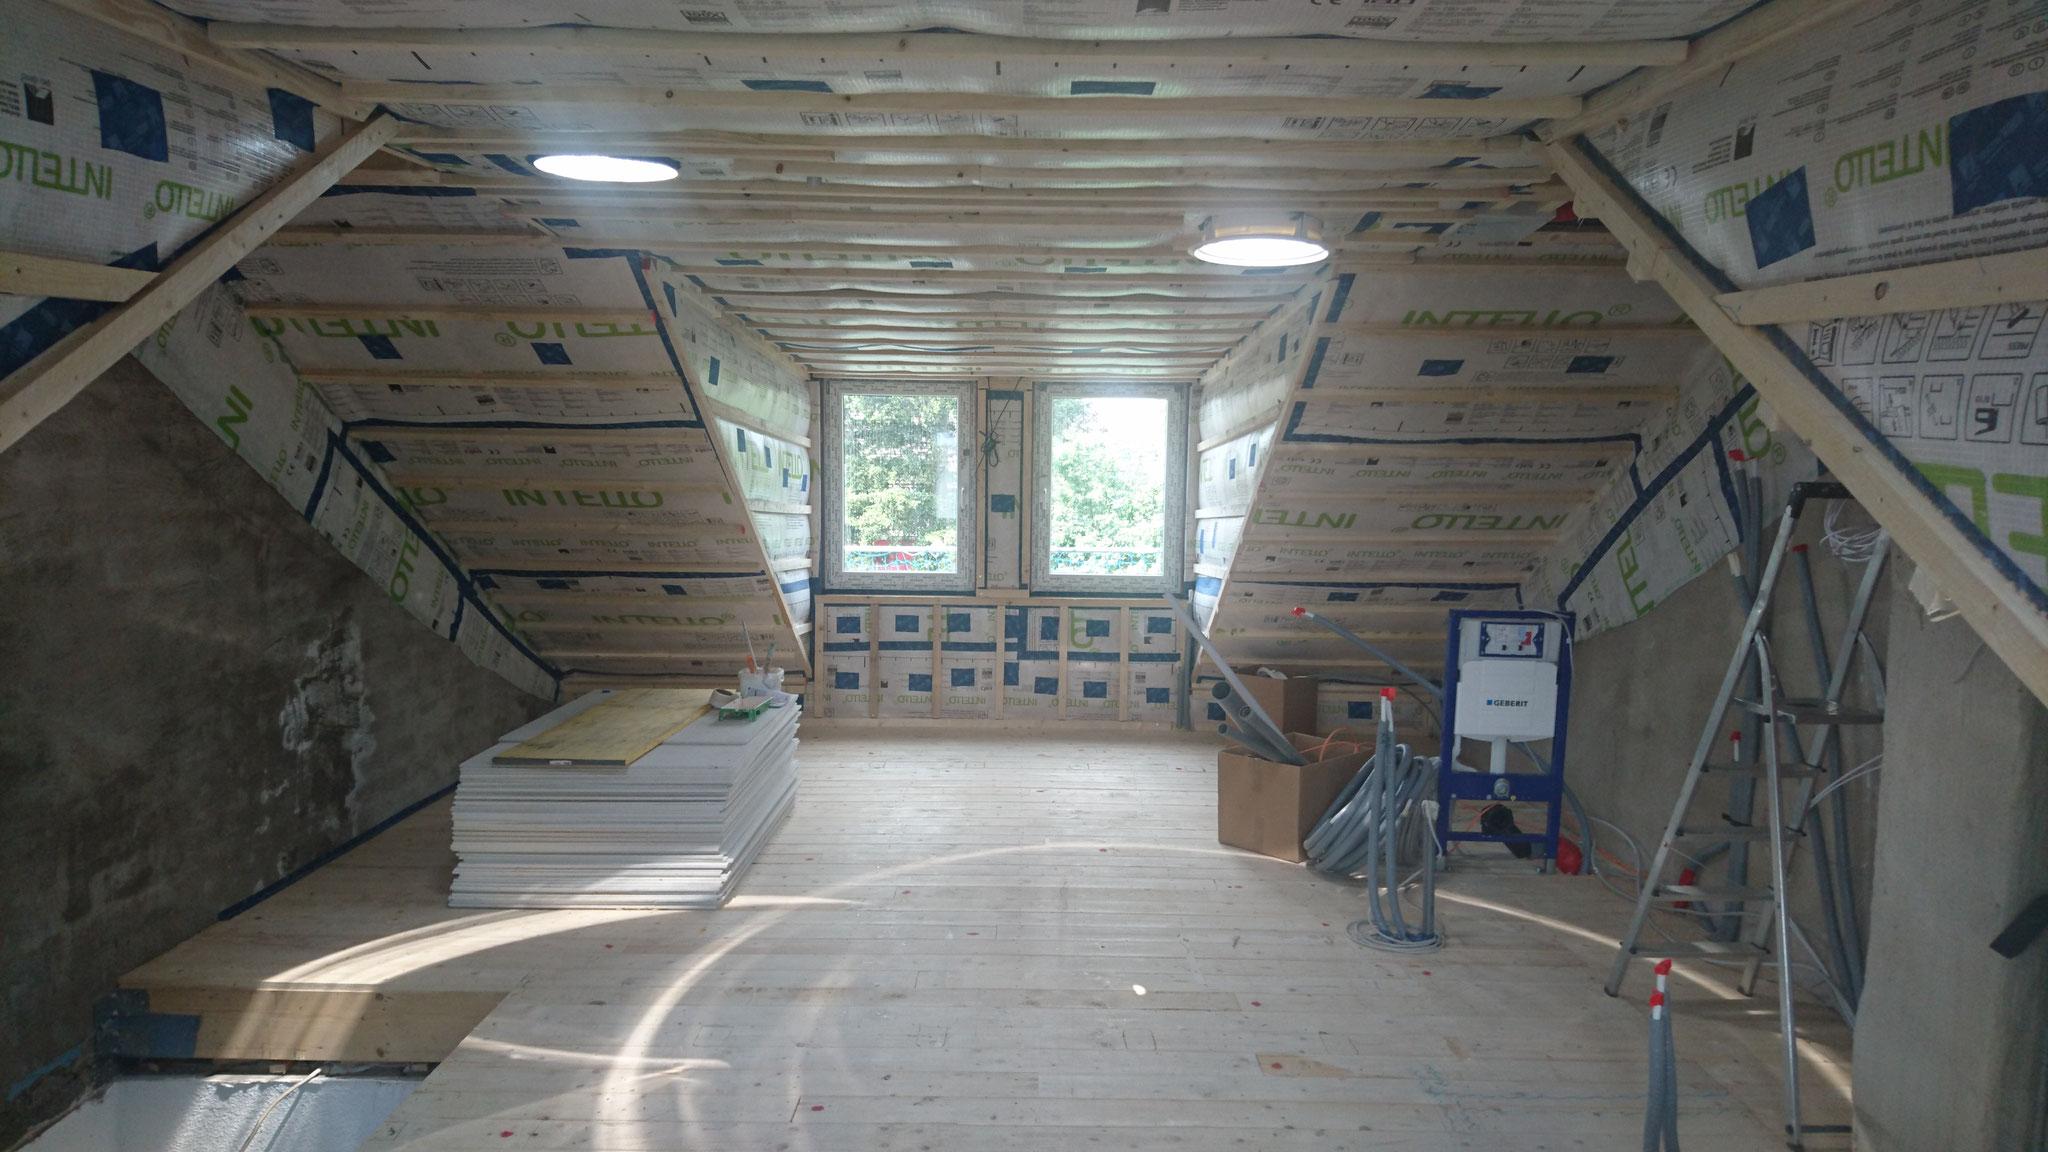 Und so sieht es im Dachgeschoss nach dem Dämmen aus. Tageslichtspots sorgen für zusätzliche Helligkeit.